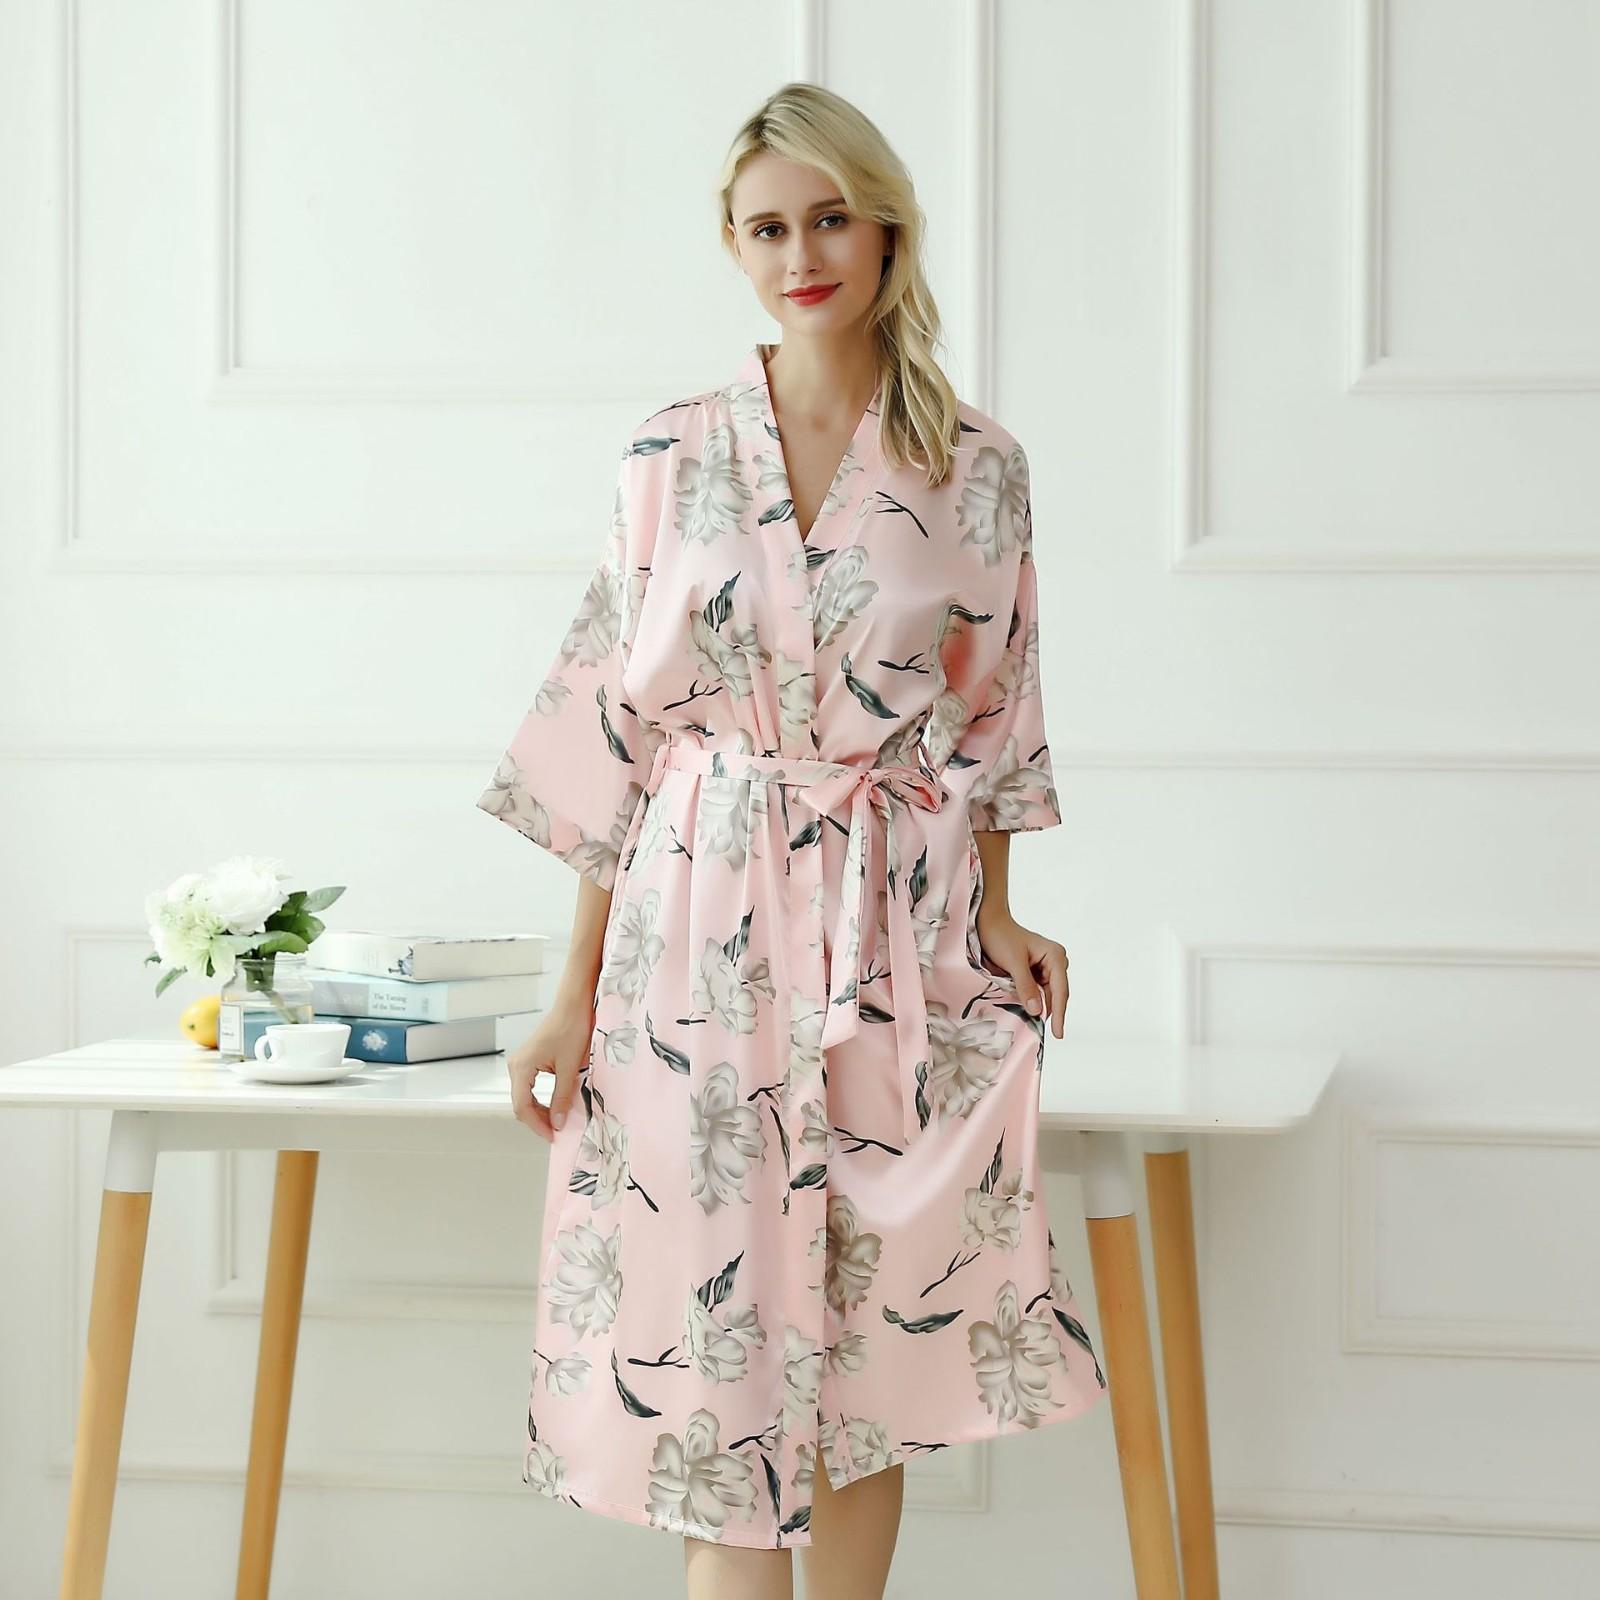 Nupcial del partido de la ropa de noche de satén suelta íntima femenina ropa interior ocasional sedoso vestido de kimono Albornoz regalo del traje atractivo del camisón Homewear